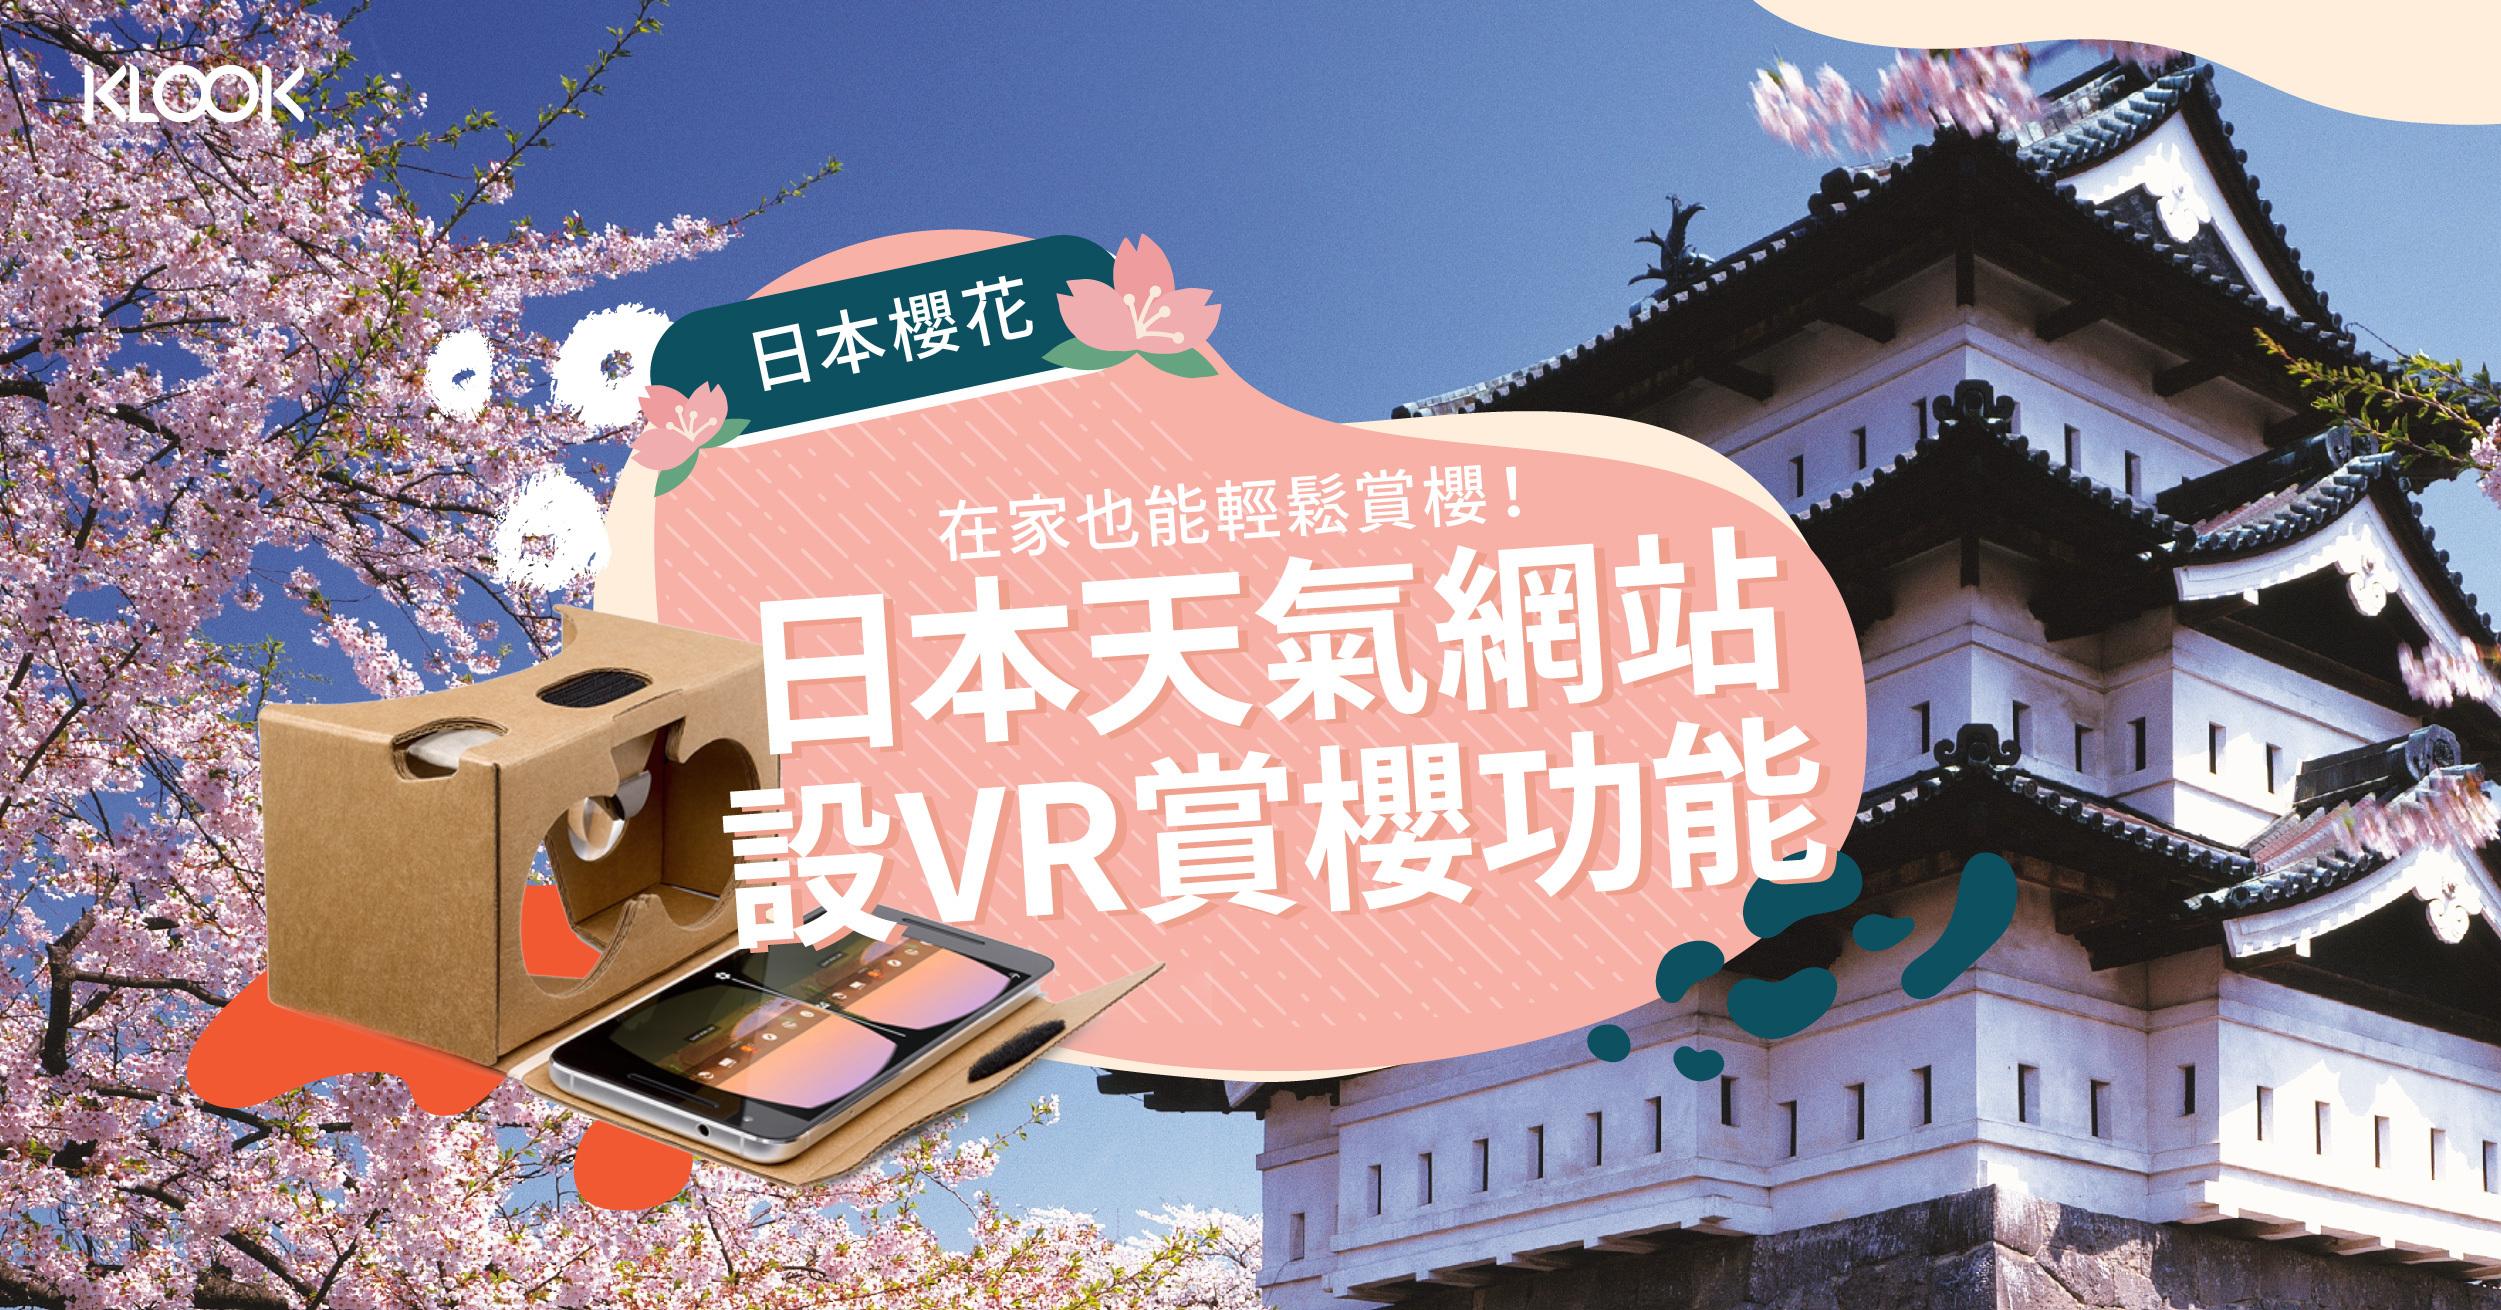 【日本櫻花】在家也能輕鬆賞櫻!日本天氣網站設VR賞櫻功能